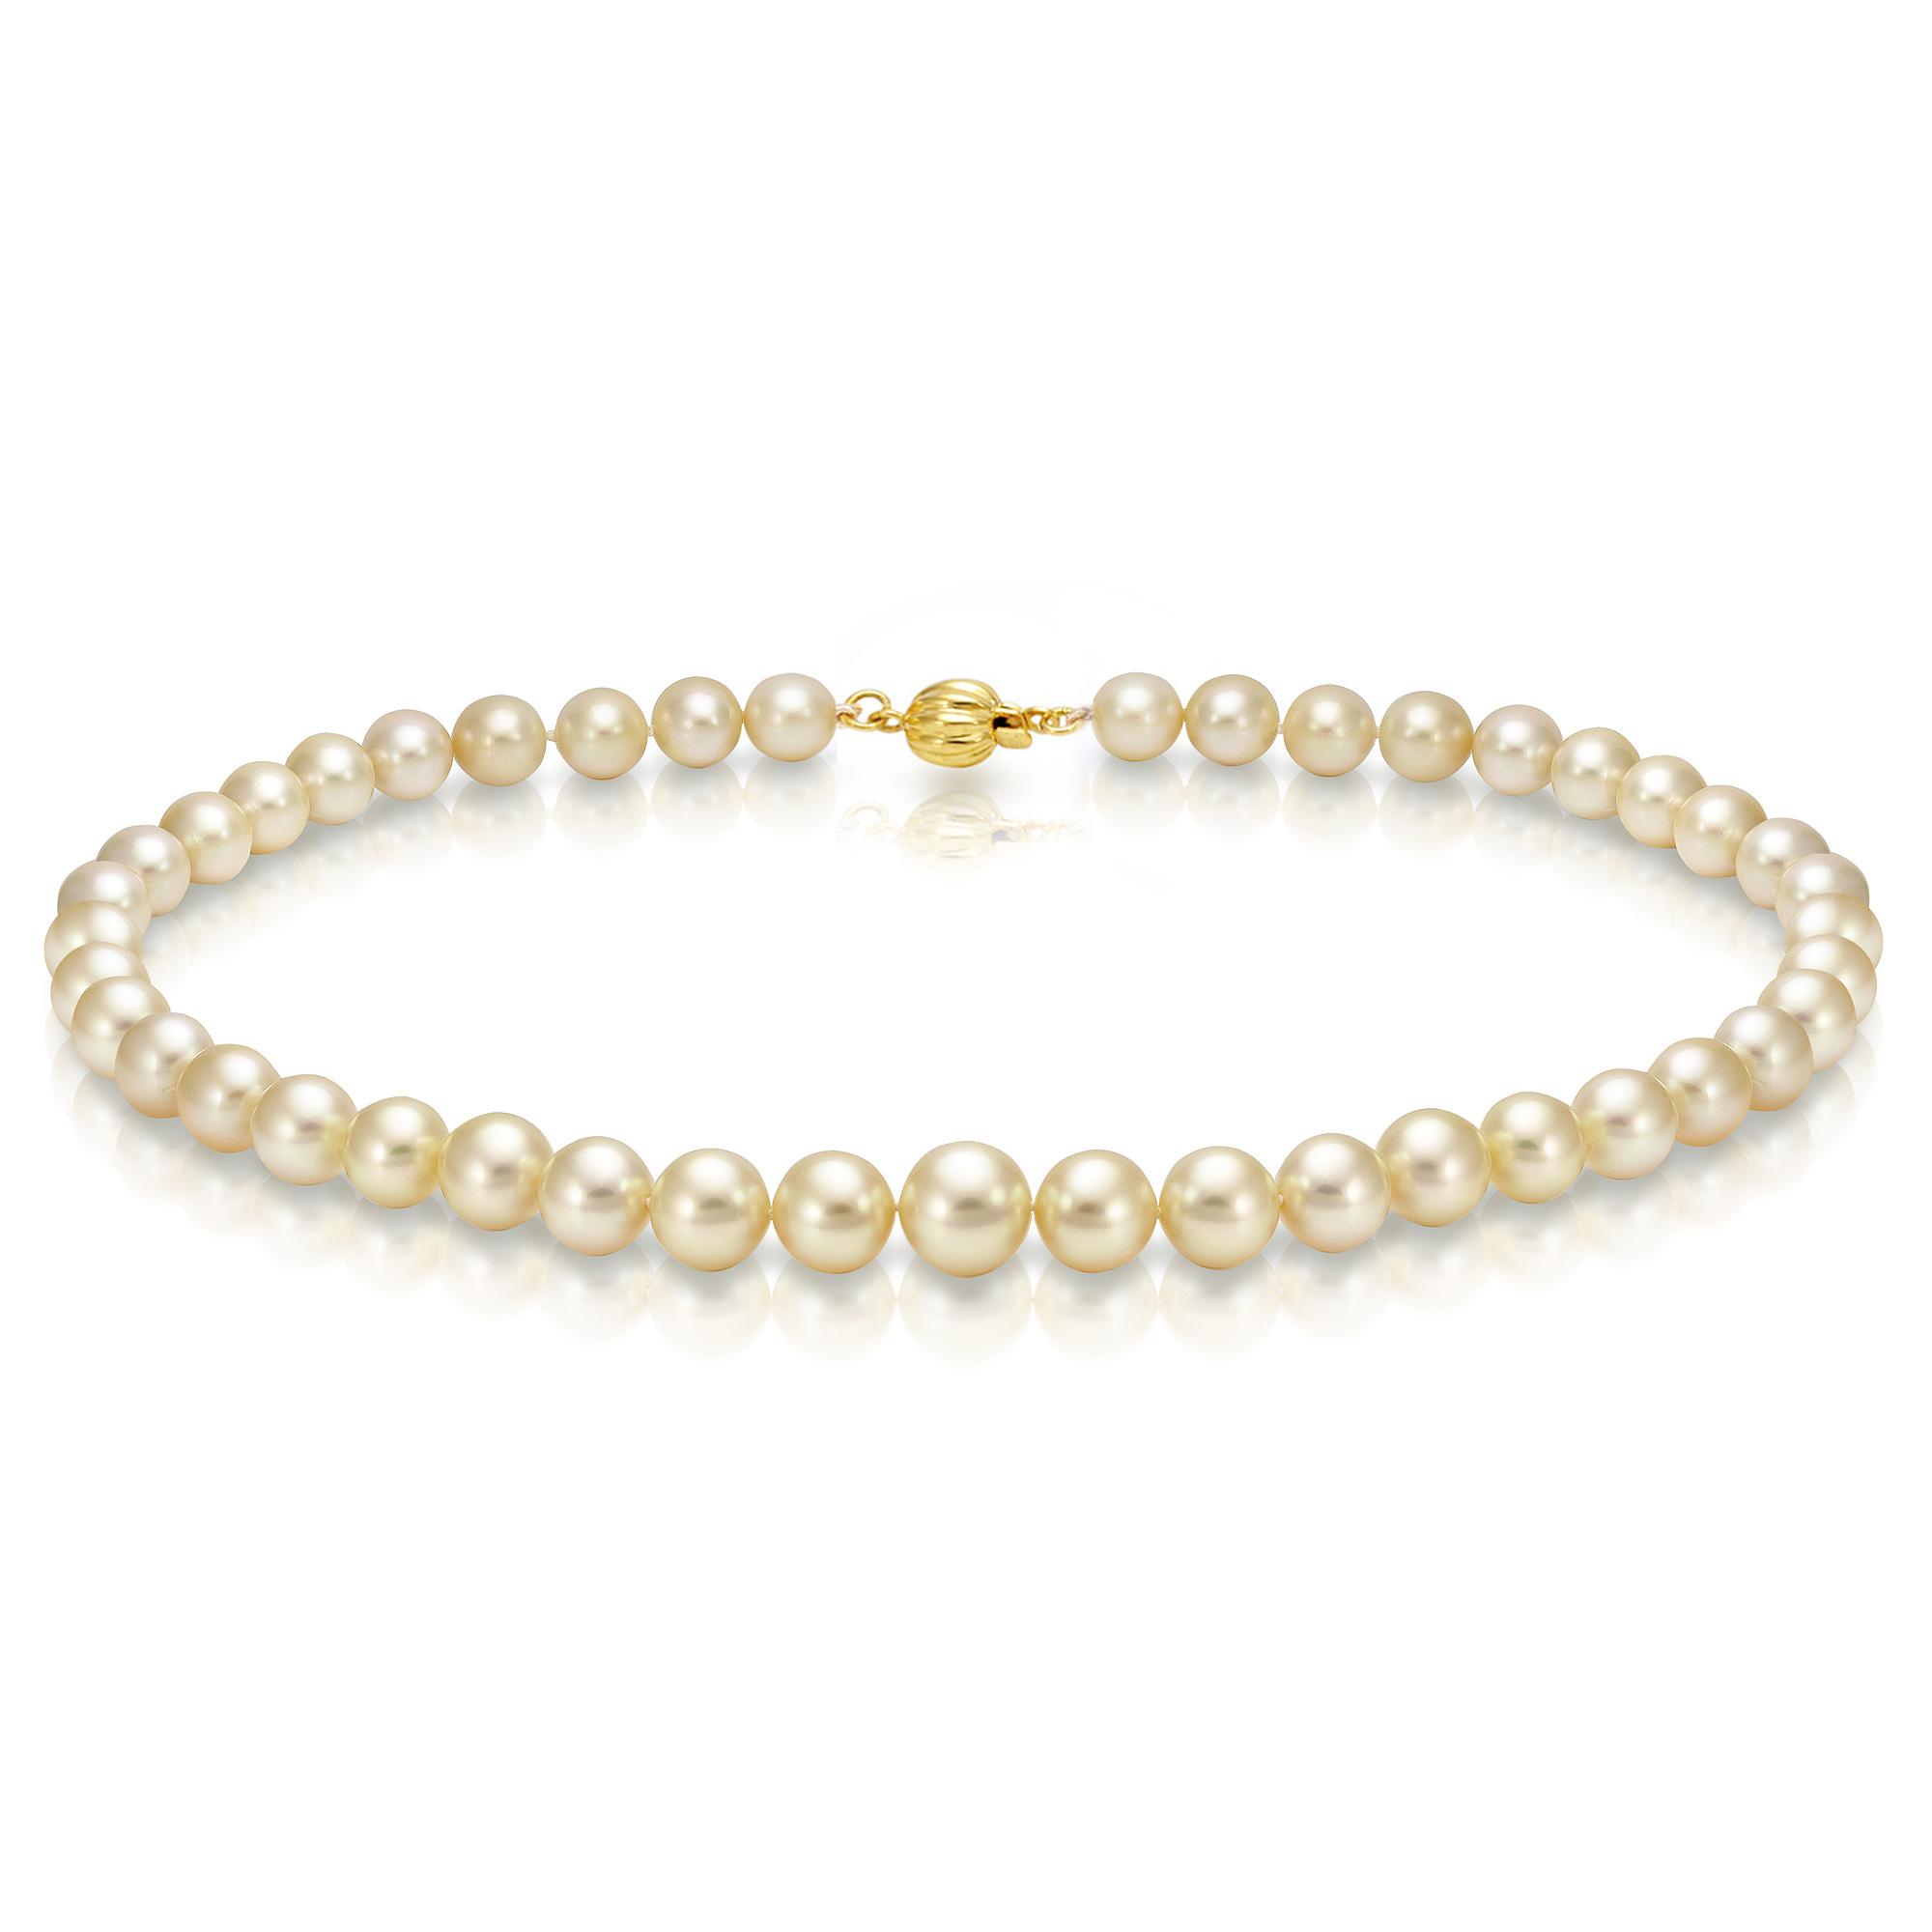 Ожерелье из золотого морского Австралийского жемчуга 8-10,7 мм